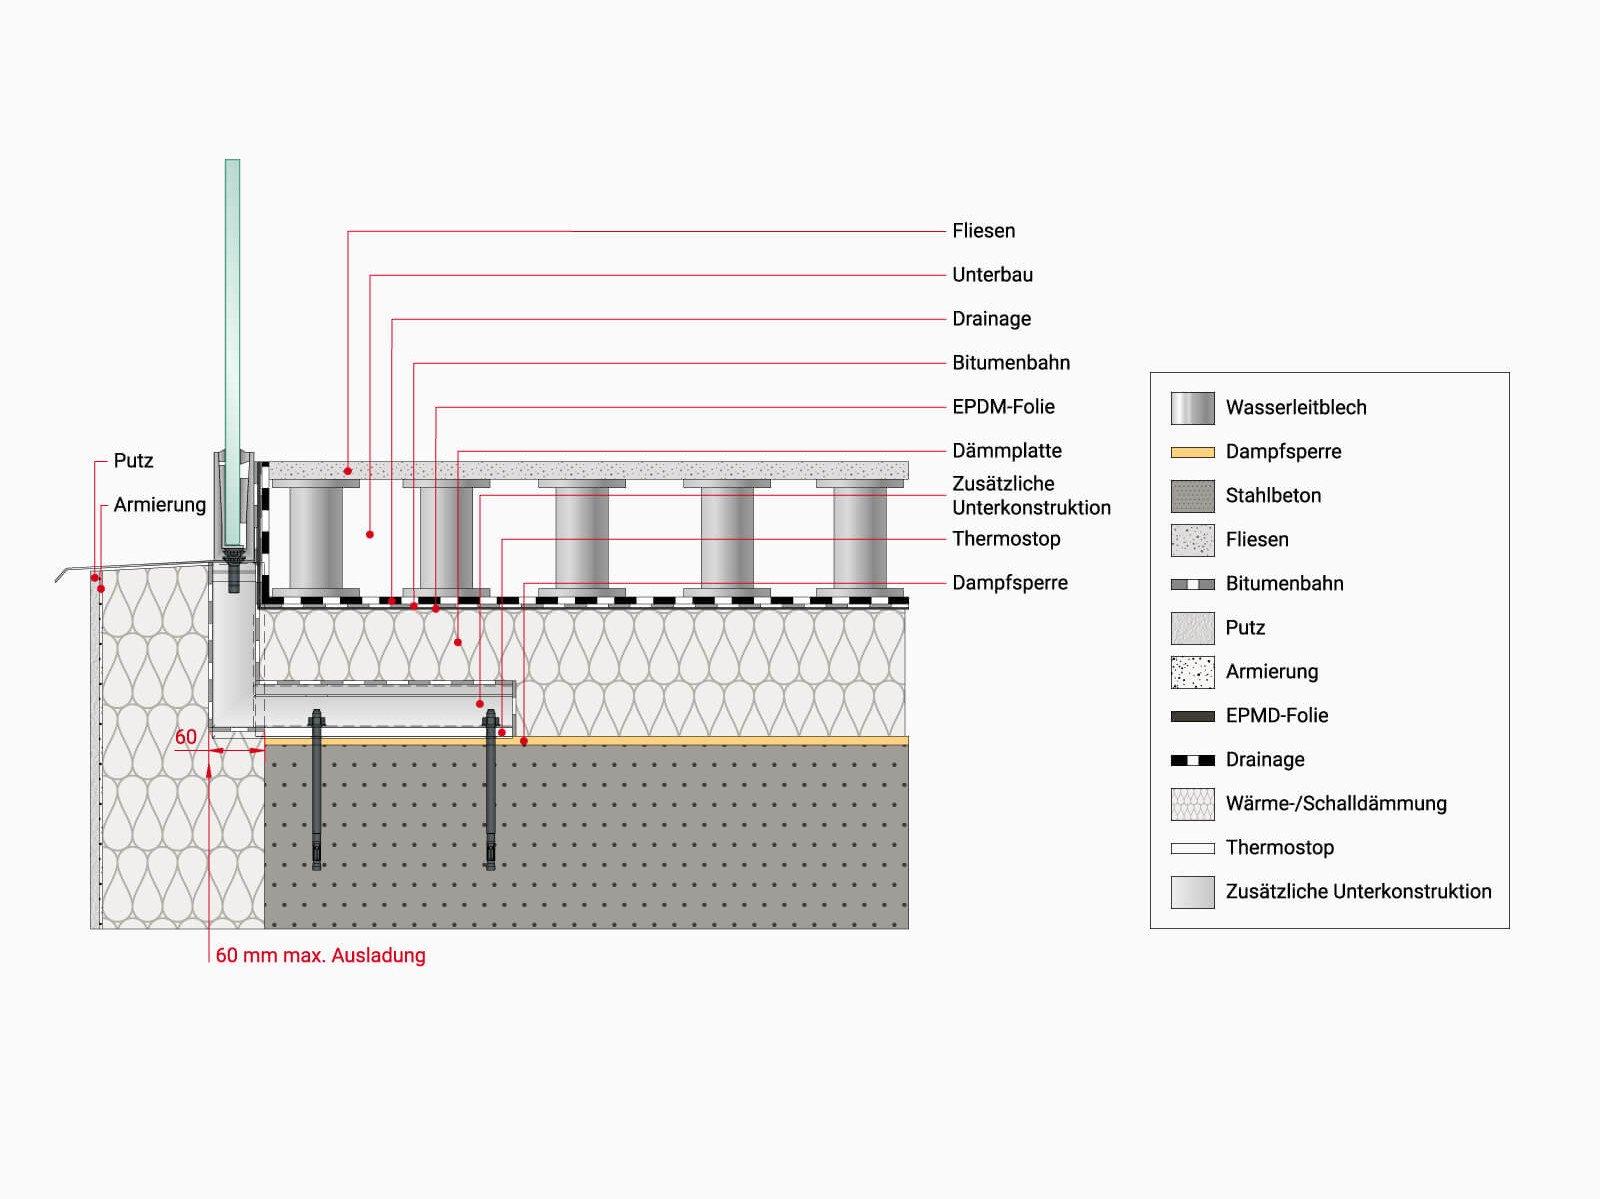 Unterkonstruktion Glasbruestung Formal versetzt fuer schwierige Einbausituationen die passgenaue Loesung